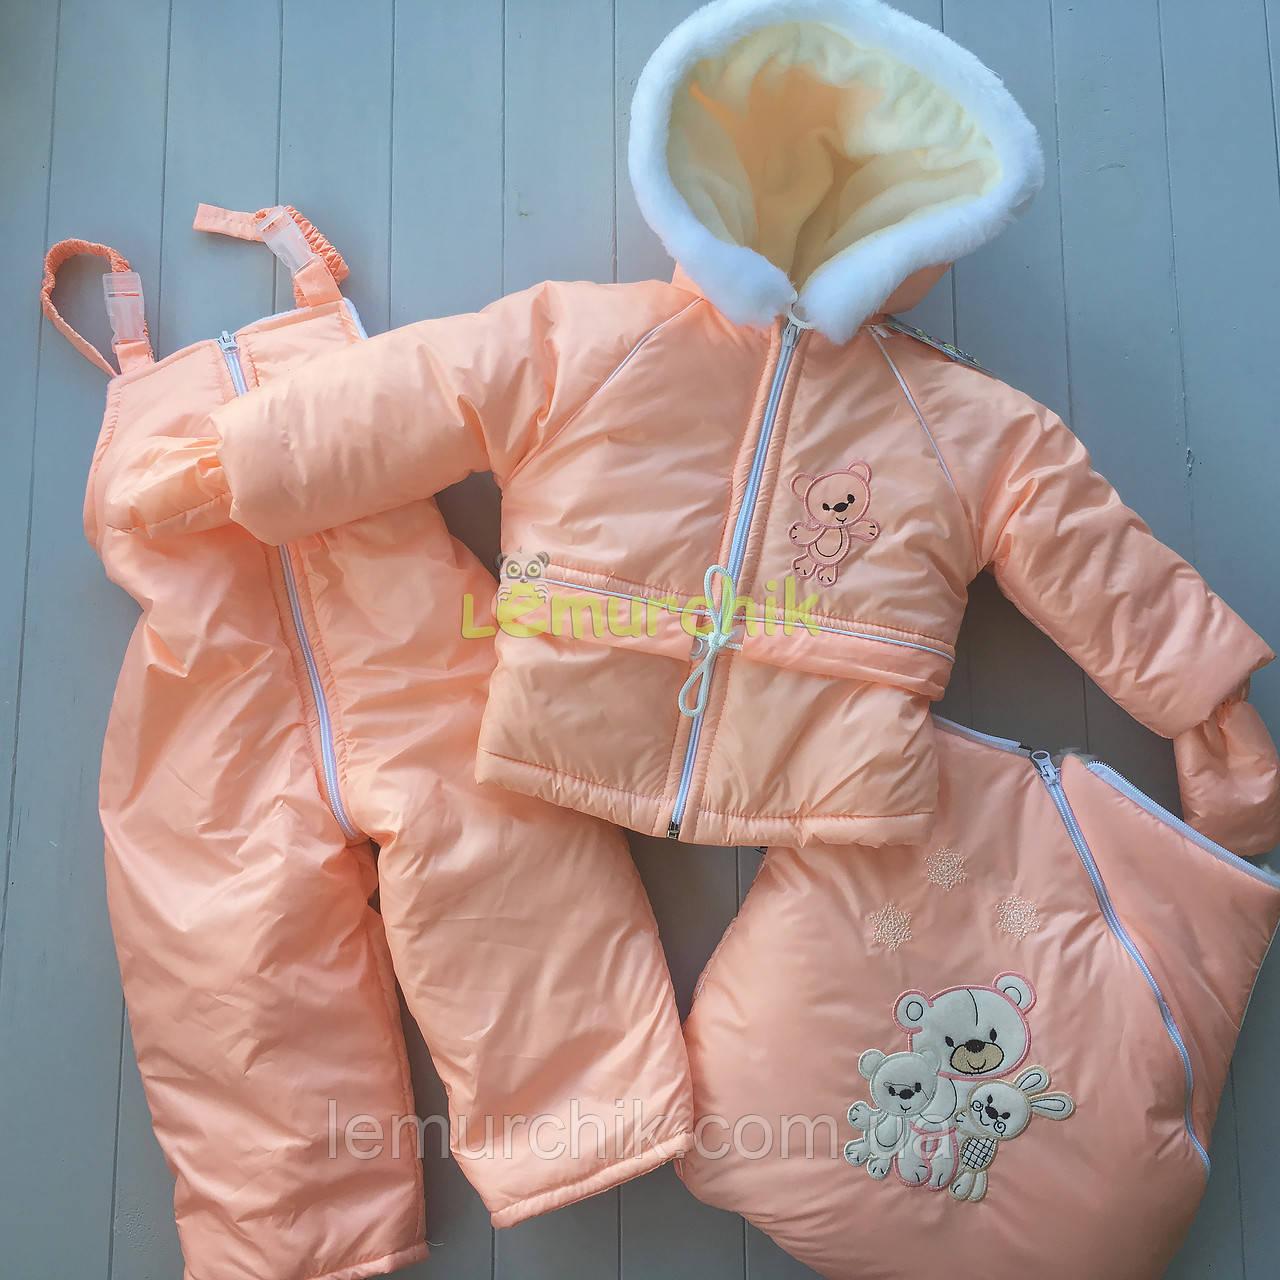 Детский зимний комбинезон-трансформер (куртка+штаны комбинезон+мешочек), персиковый